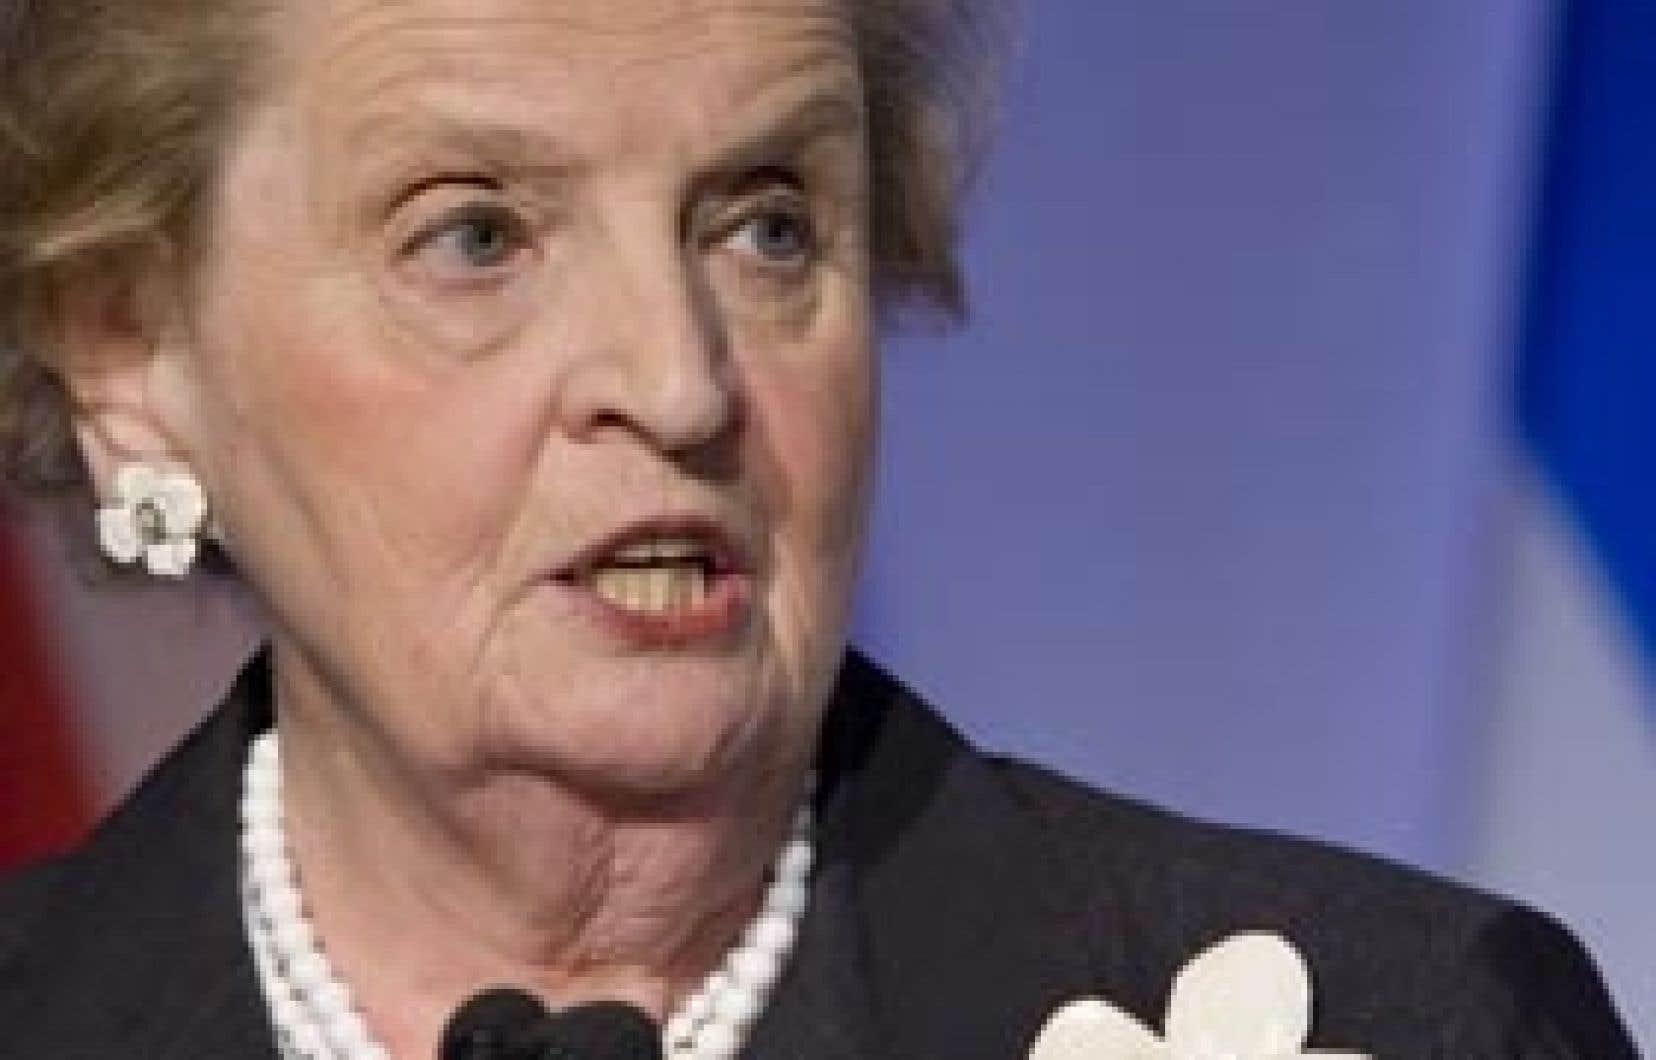 L'ancienne secrétaire d'État américaine Madeleine Albright a rappelé hier que les reculs économiques s'accompagnent souvent de troubles sociaux et politiques.